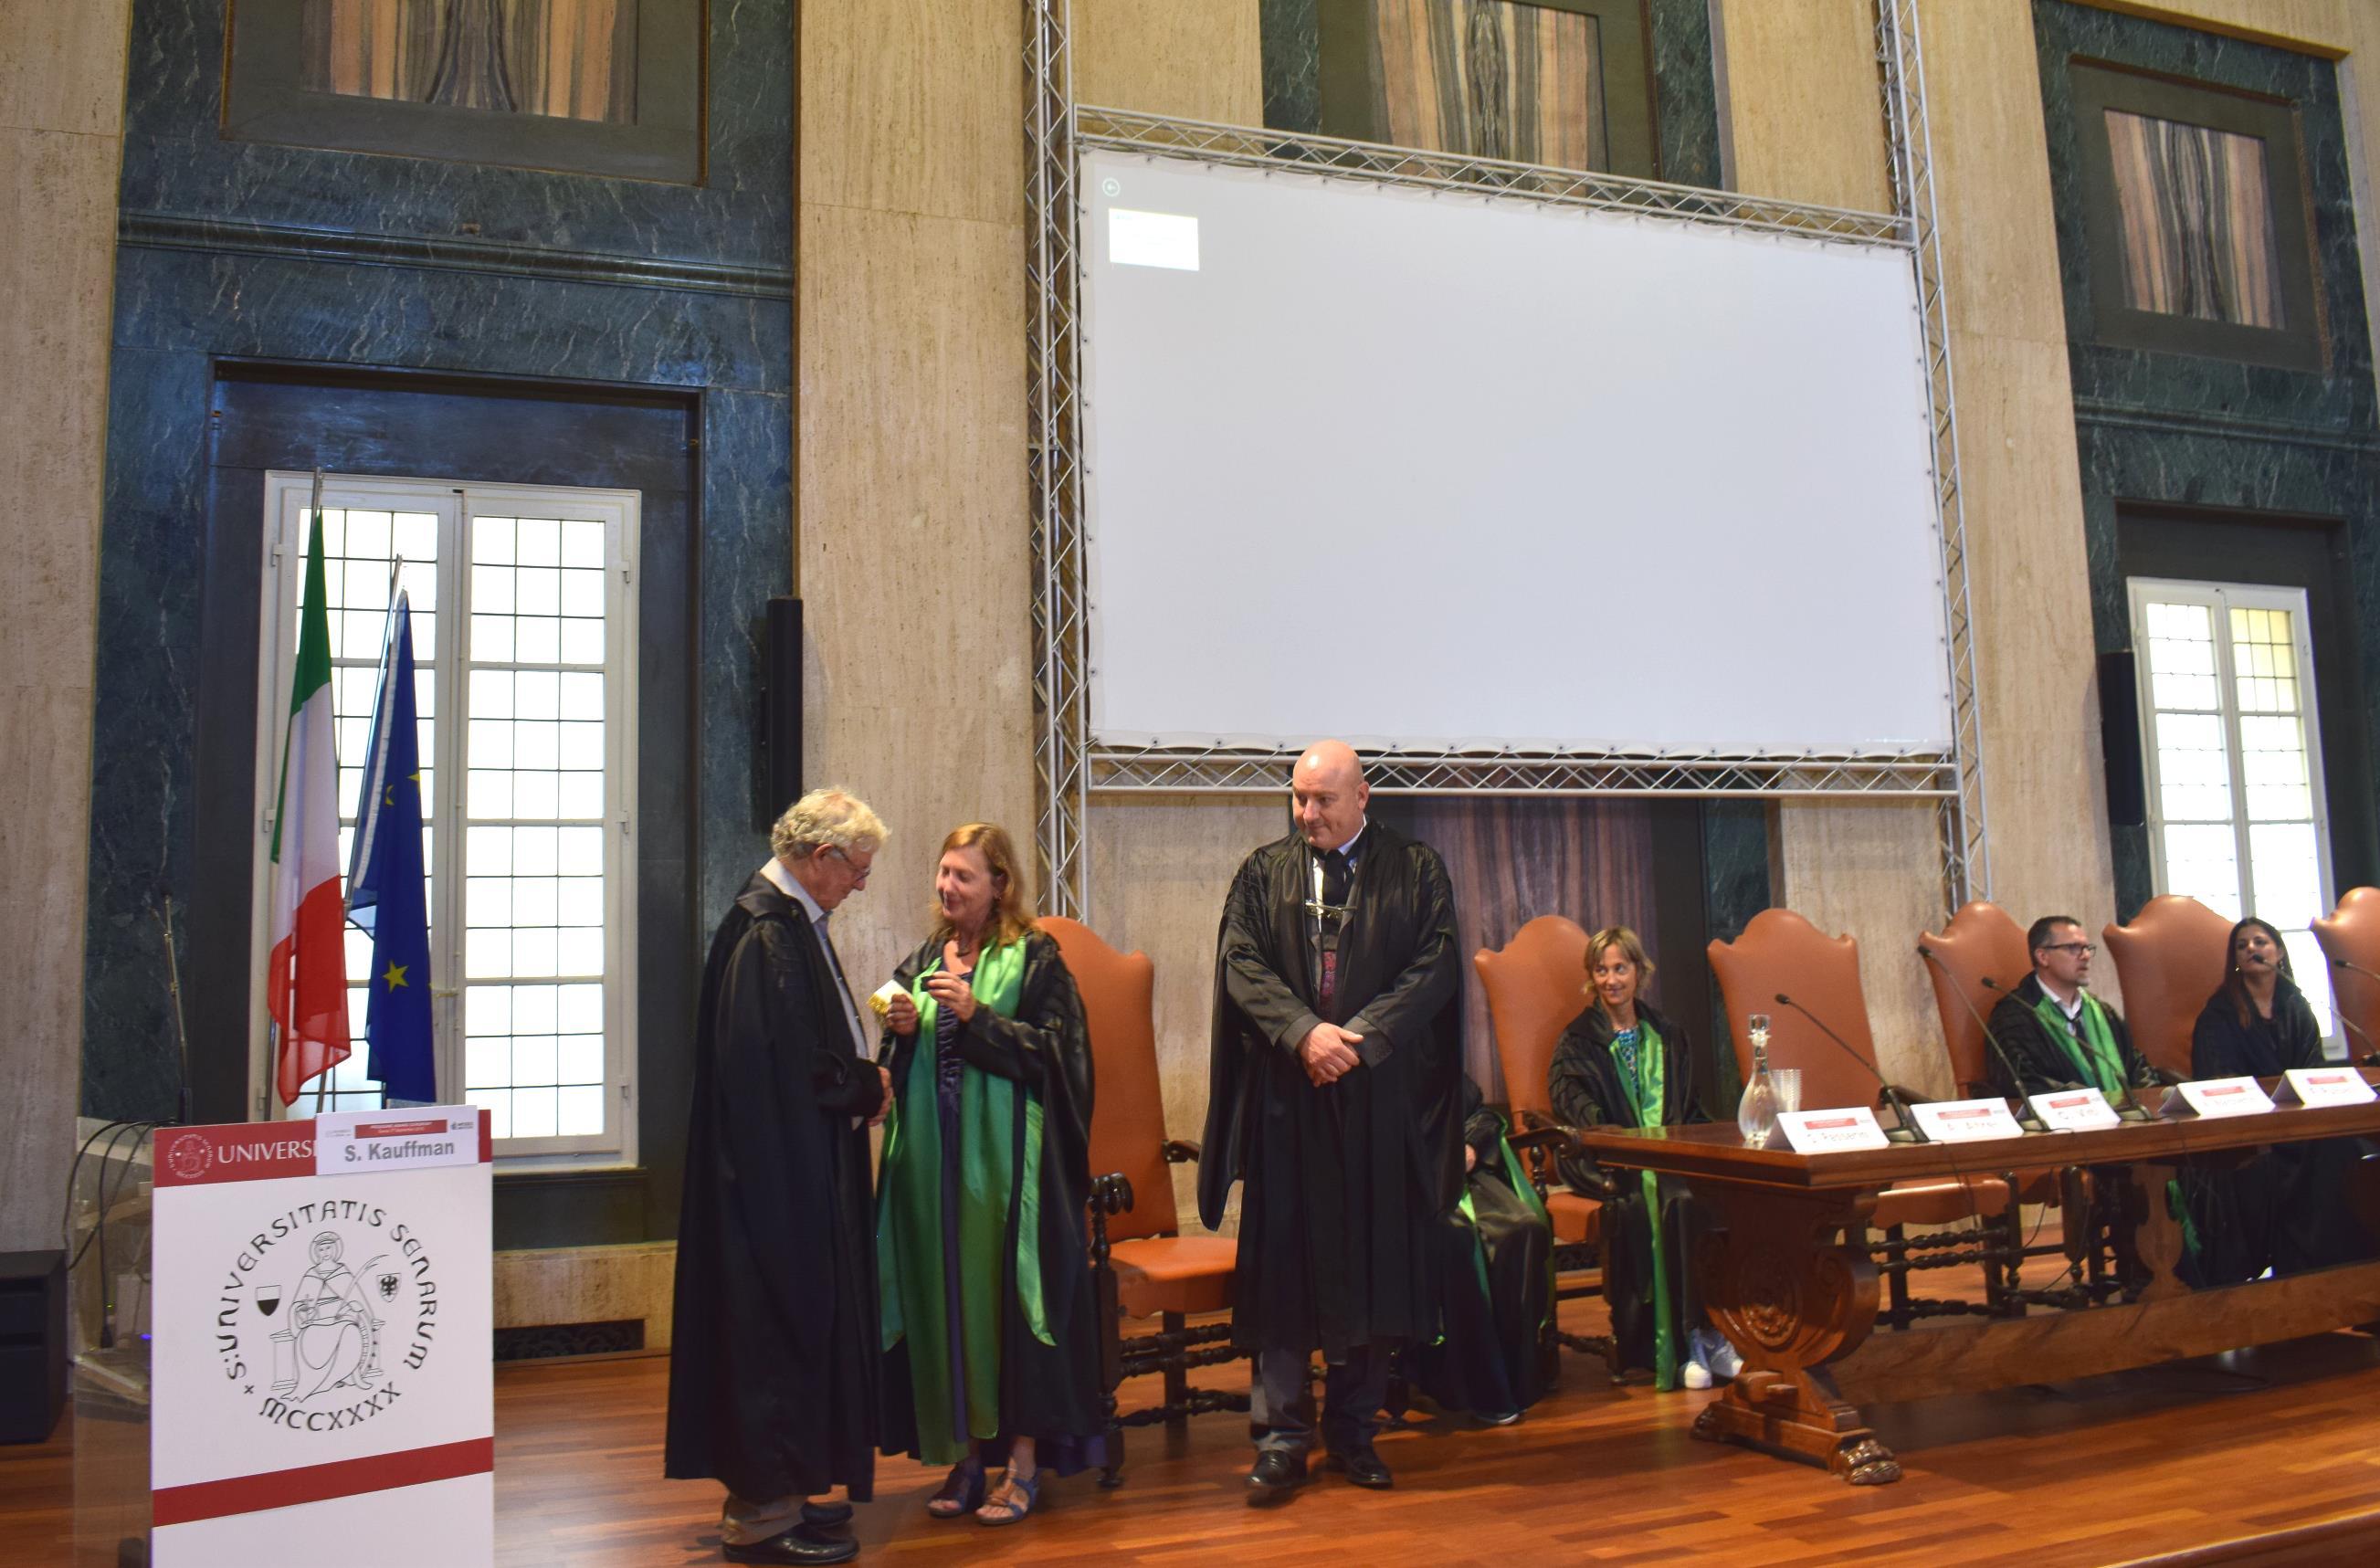 Consegnata la medaglia Prigogine allo scienziato americano Stuart Kauffman